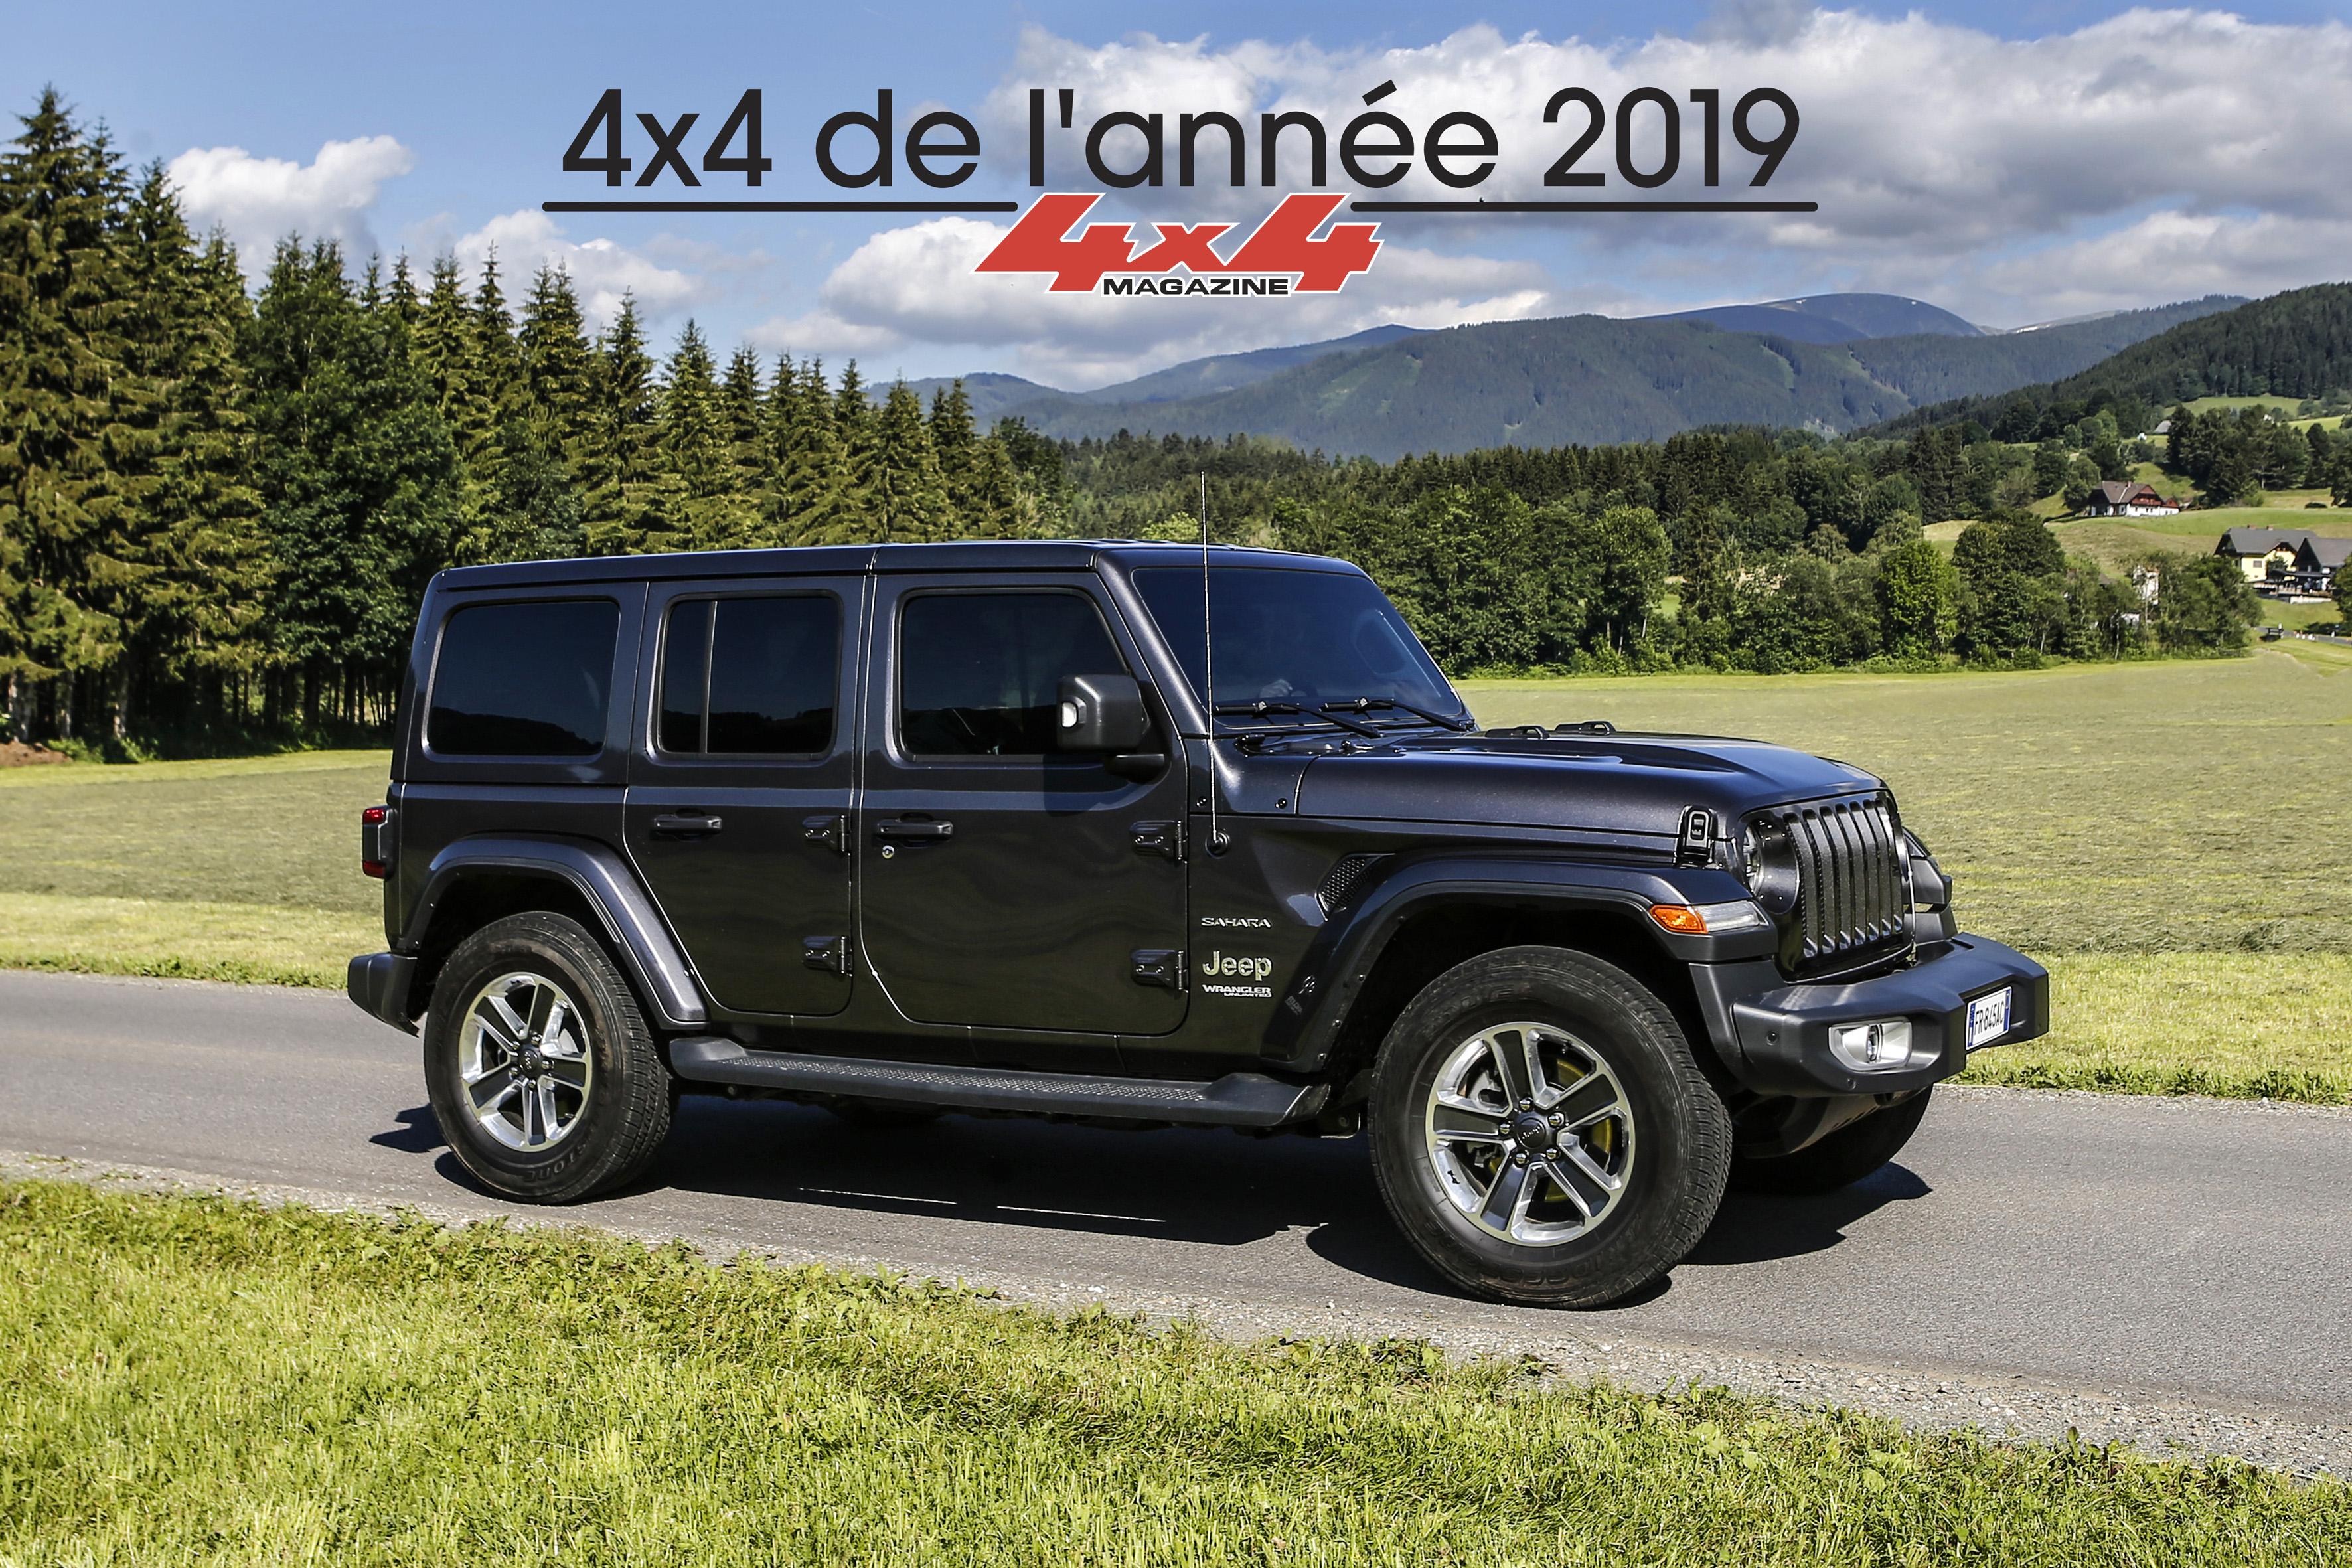 la nouvelle jeep wrangler lue 4x4 de l 39 ann e 2019 am today. Black Bedroom Furniture Sets. Home Design Ideas